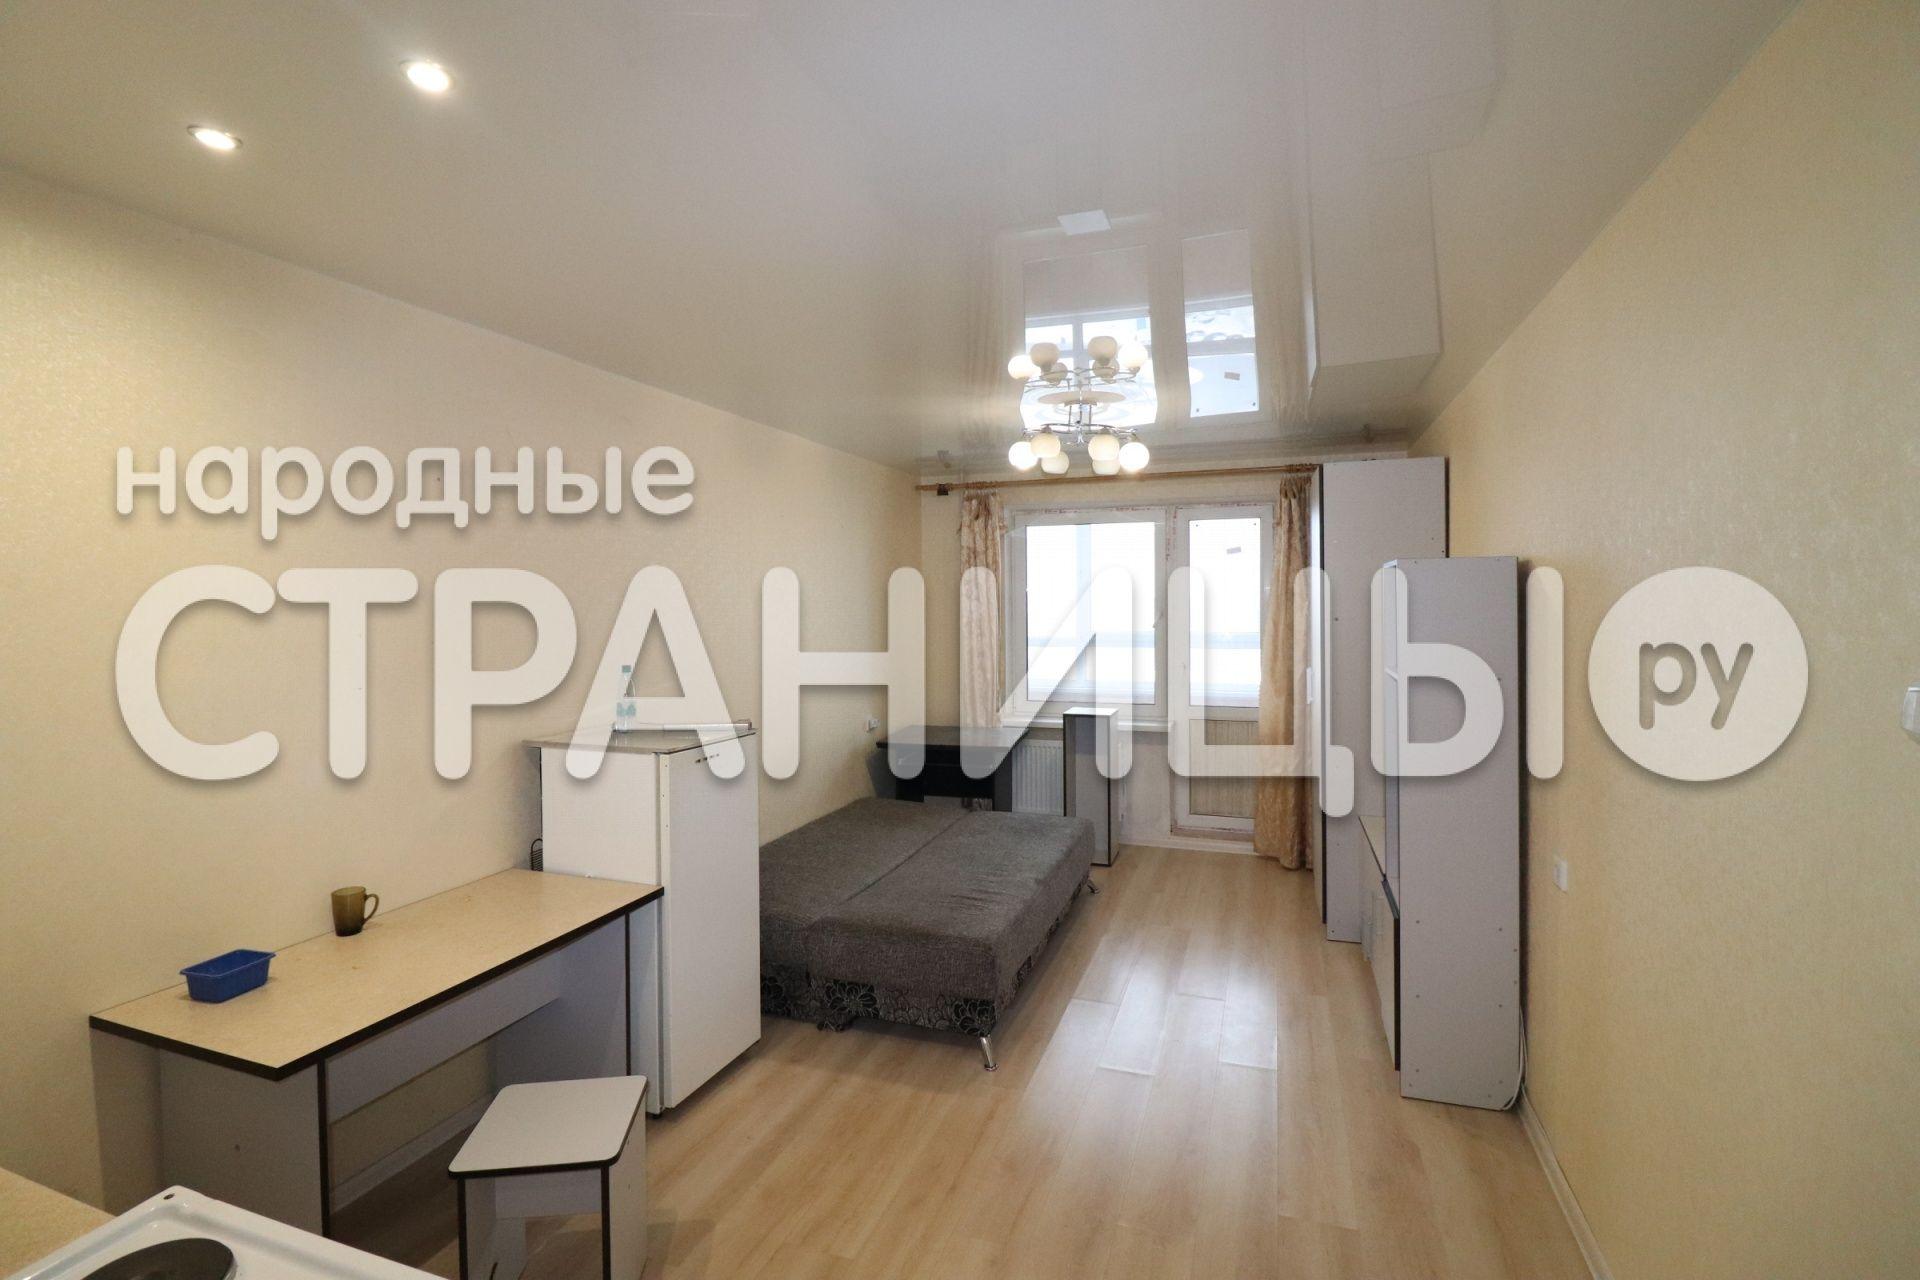 1-комнатная квартира, 23.3 м²,  9/17 эт. Панельный дом, Вторичное жилье